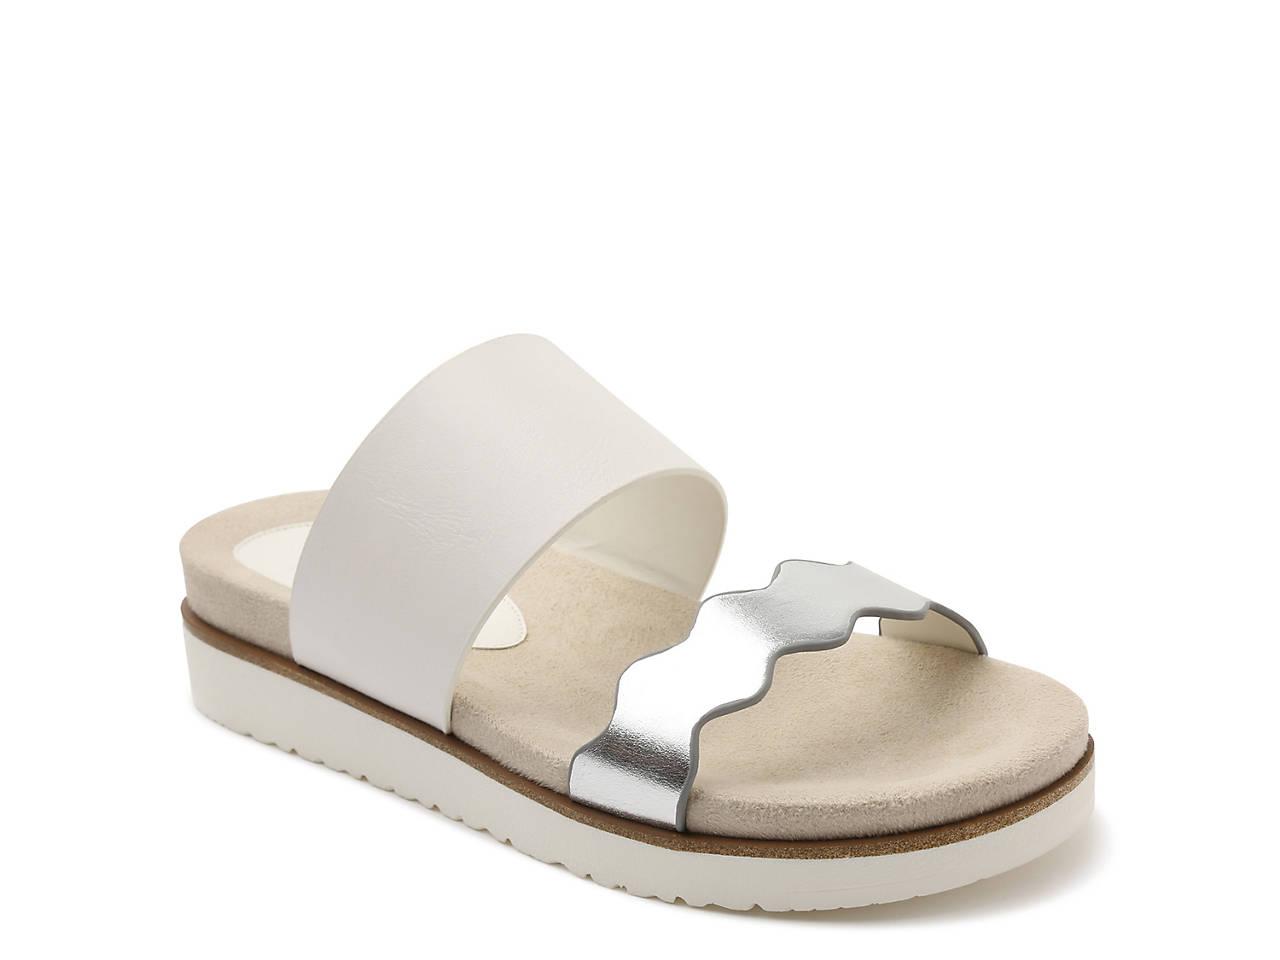 Kensie Digby Zigzag Slide Sandal cq0HzYMJc6